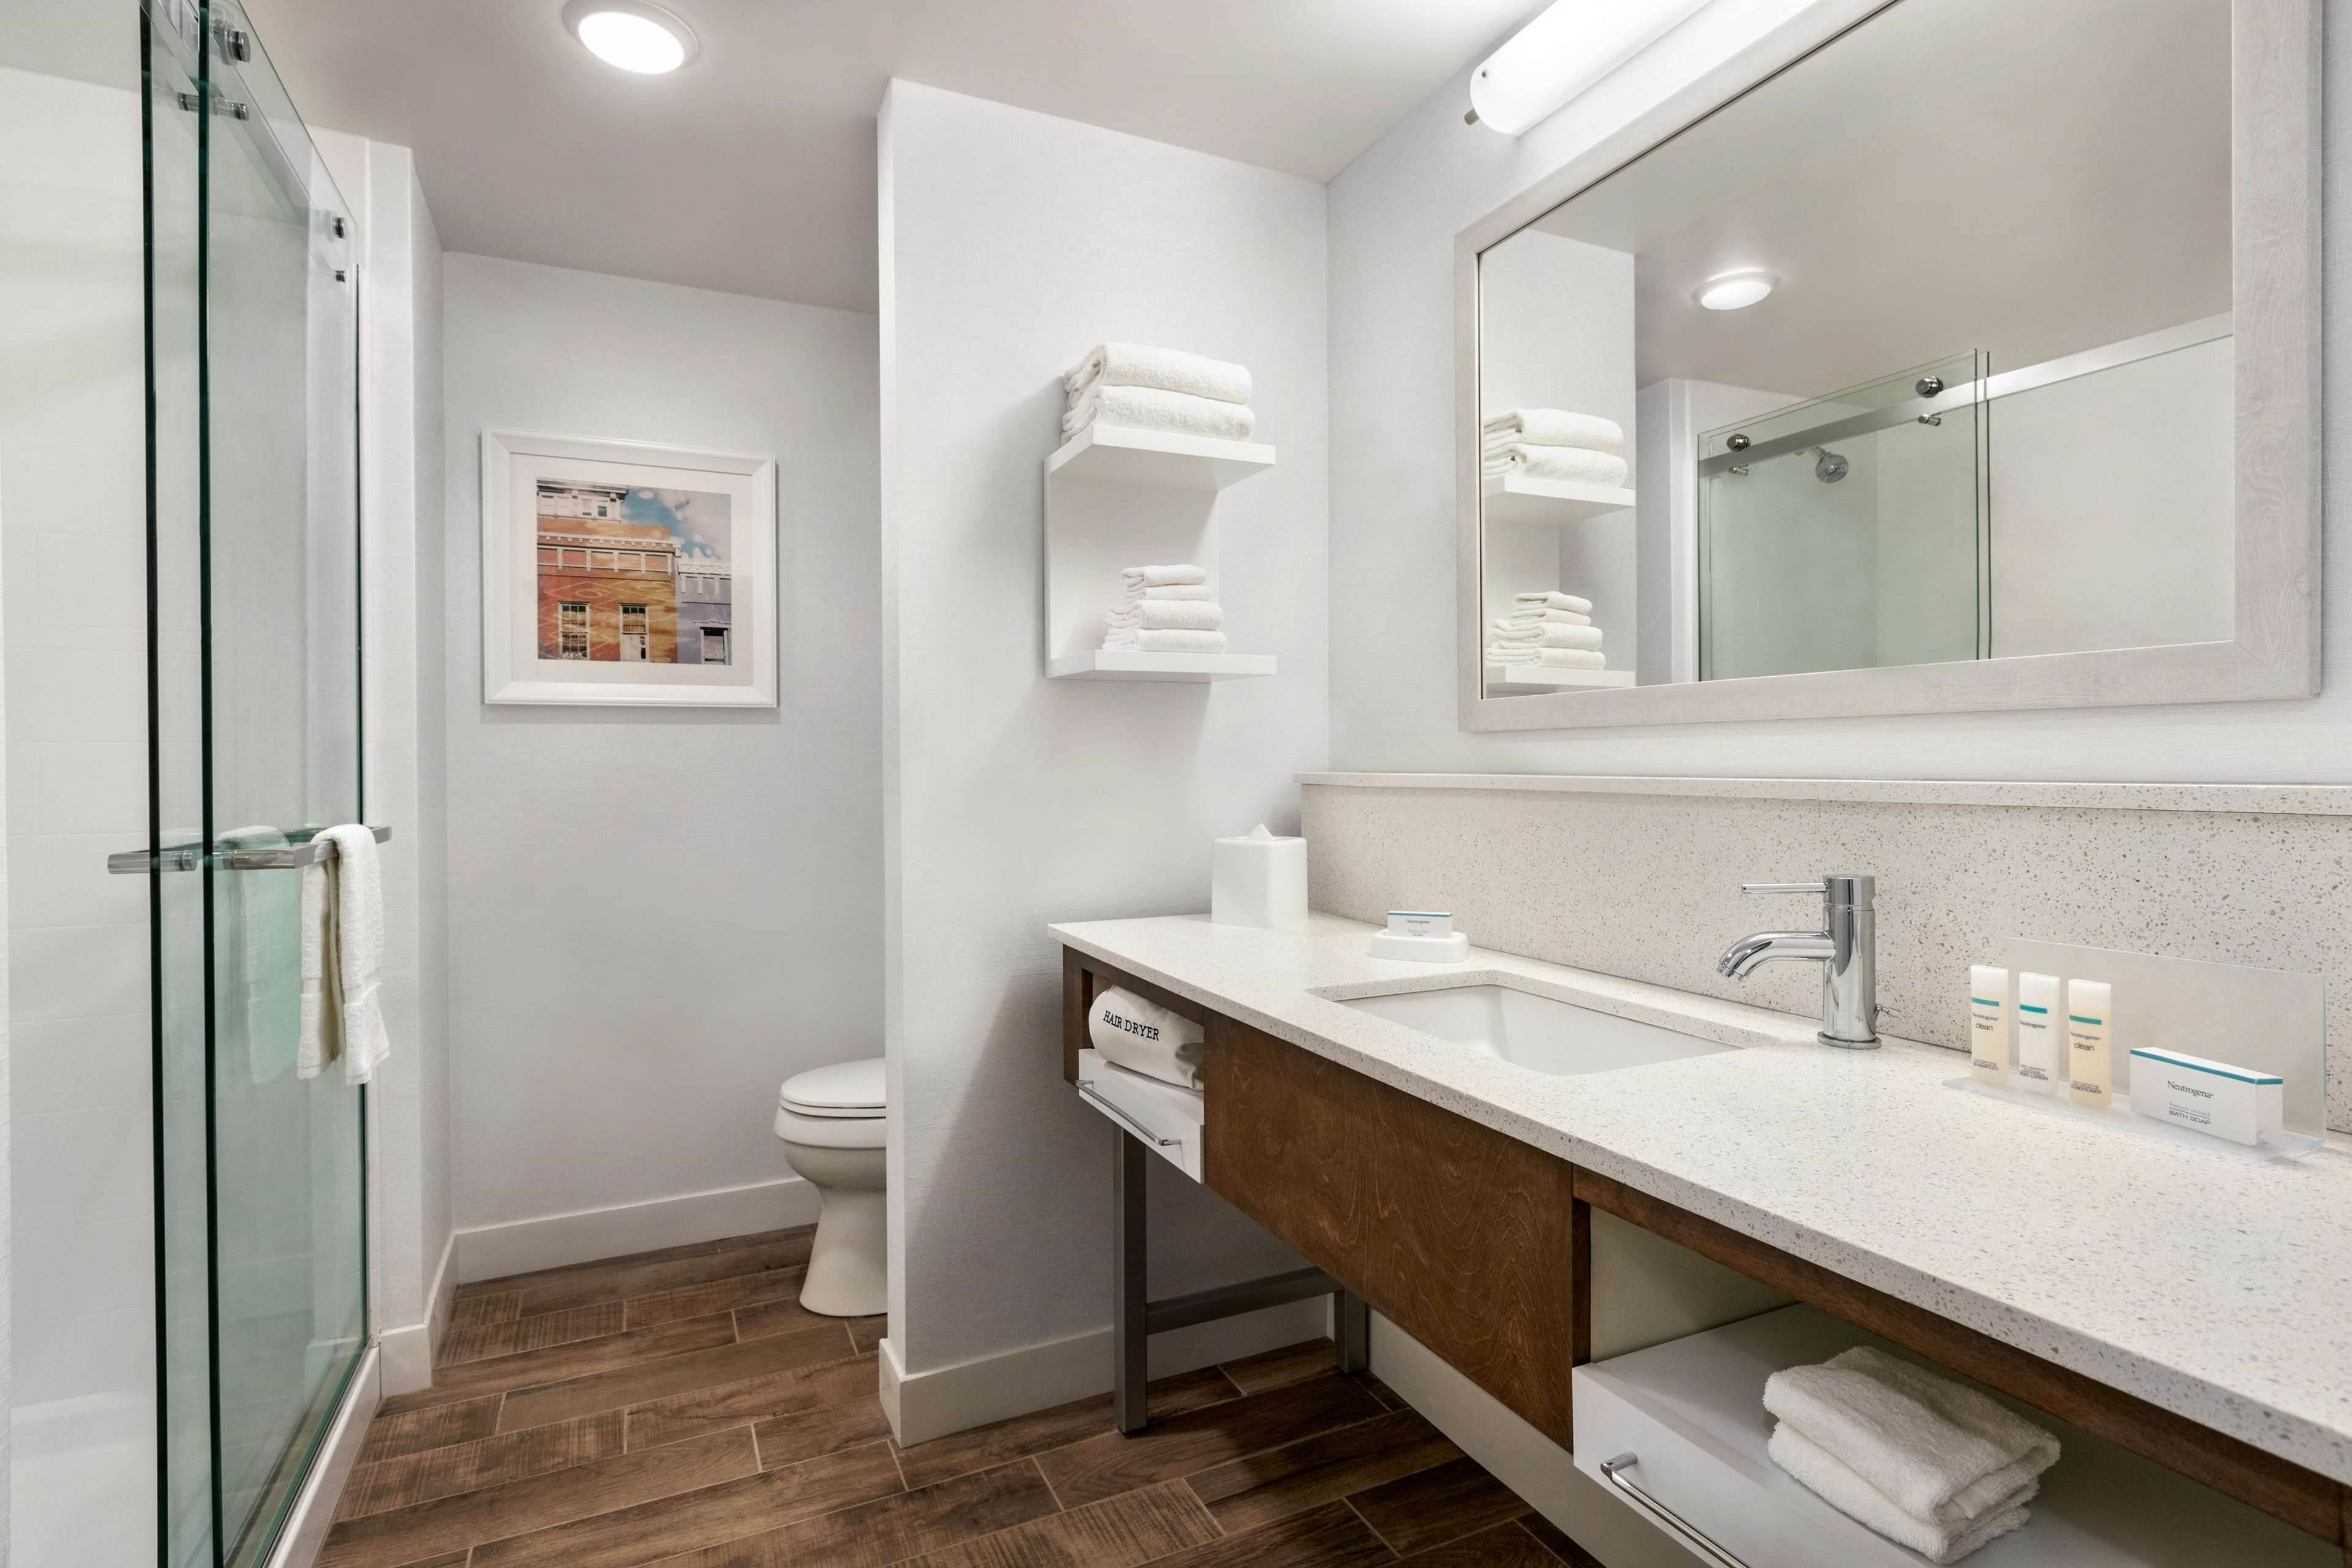 Hampton Inn and Suites Johns Creek image 27